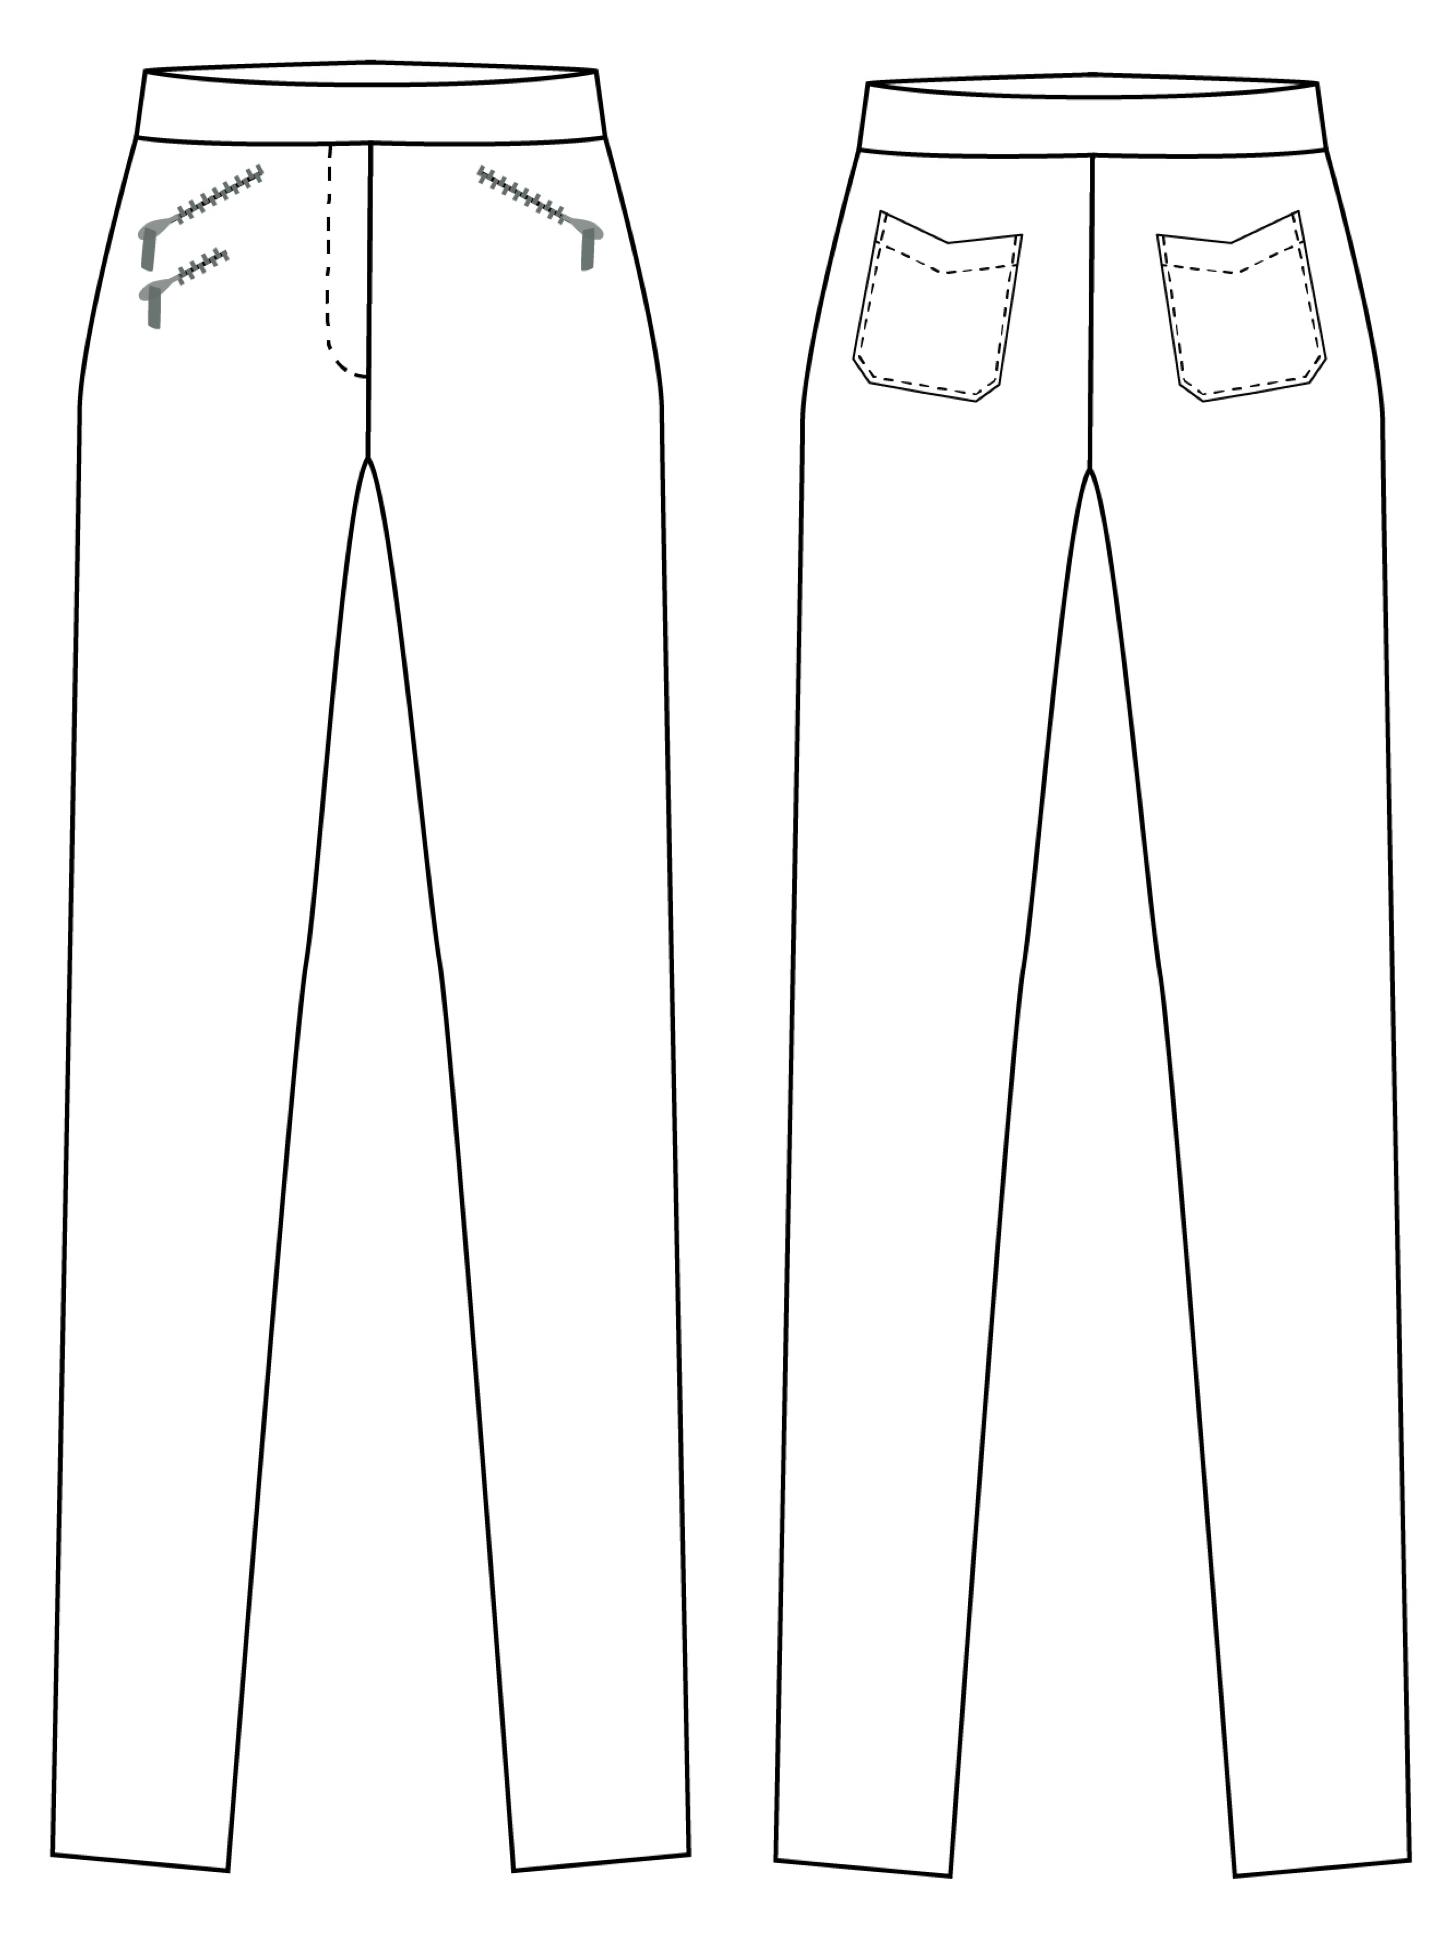 Gianna technische Zeichnung